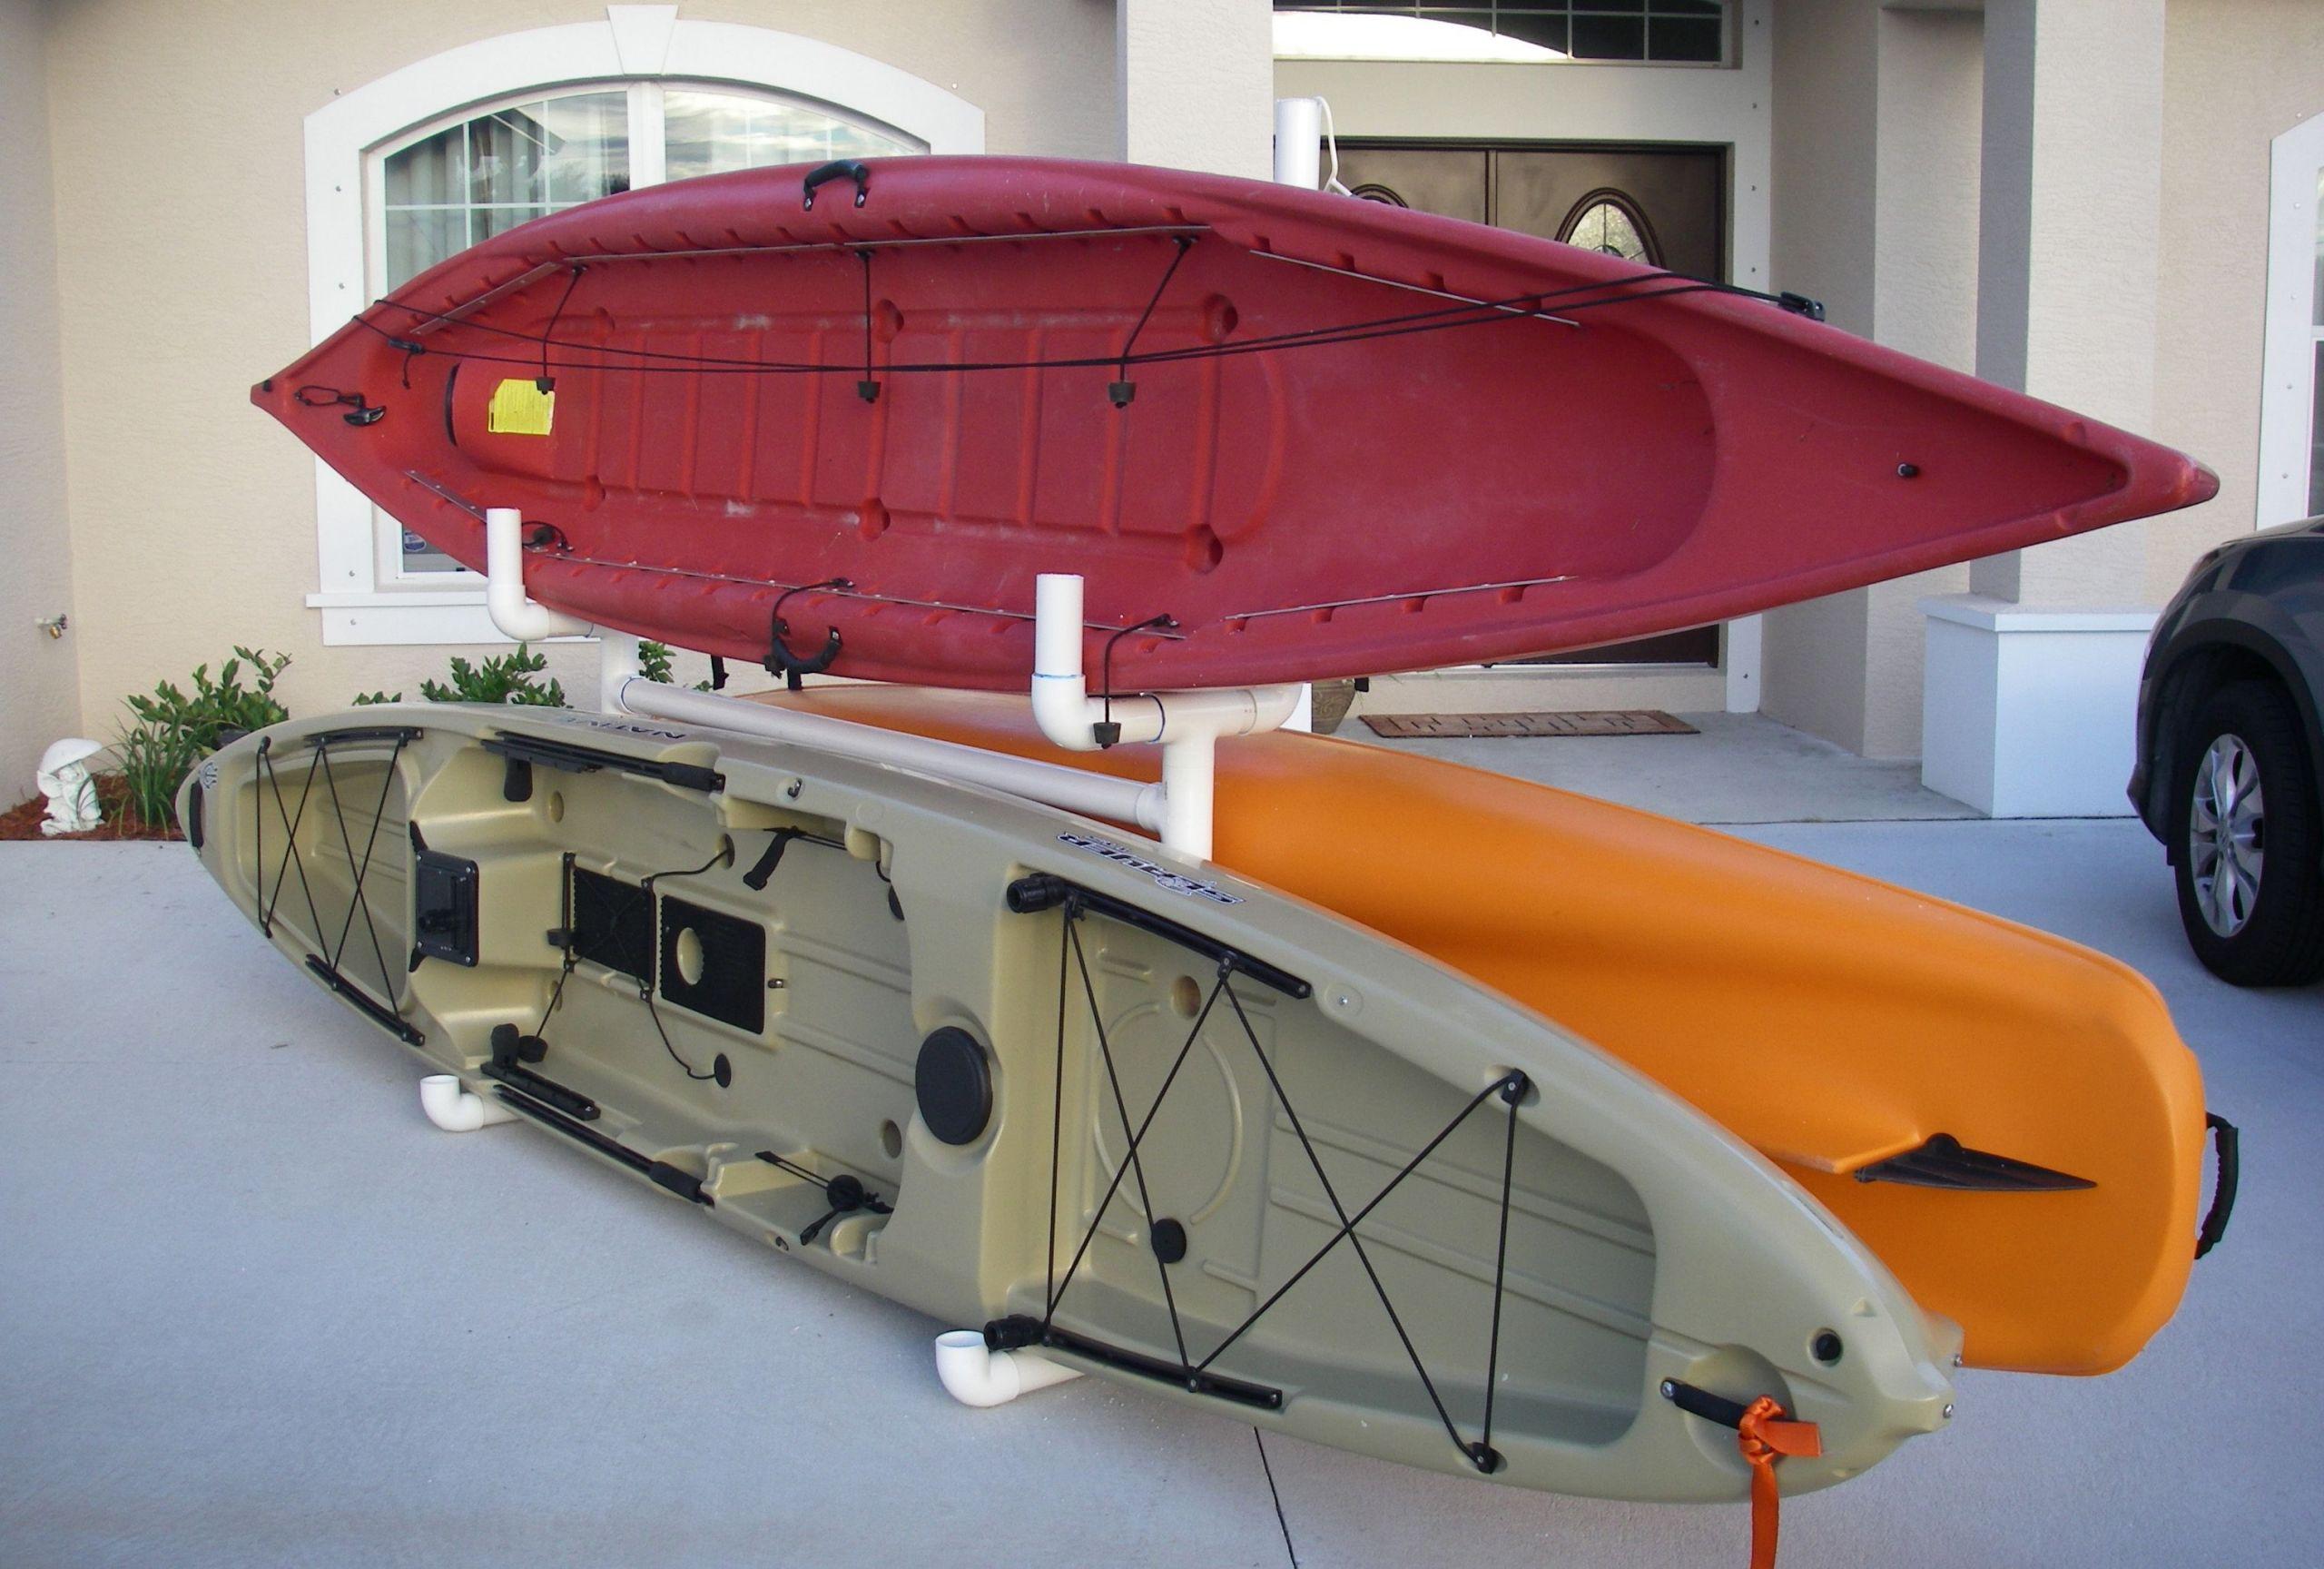 DIY Kayak Rack Pvc  Build Outdoor Kayak Rack